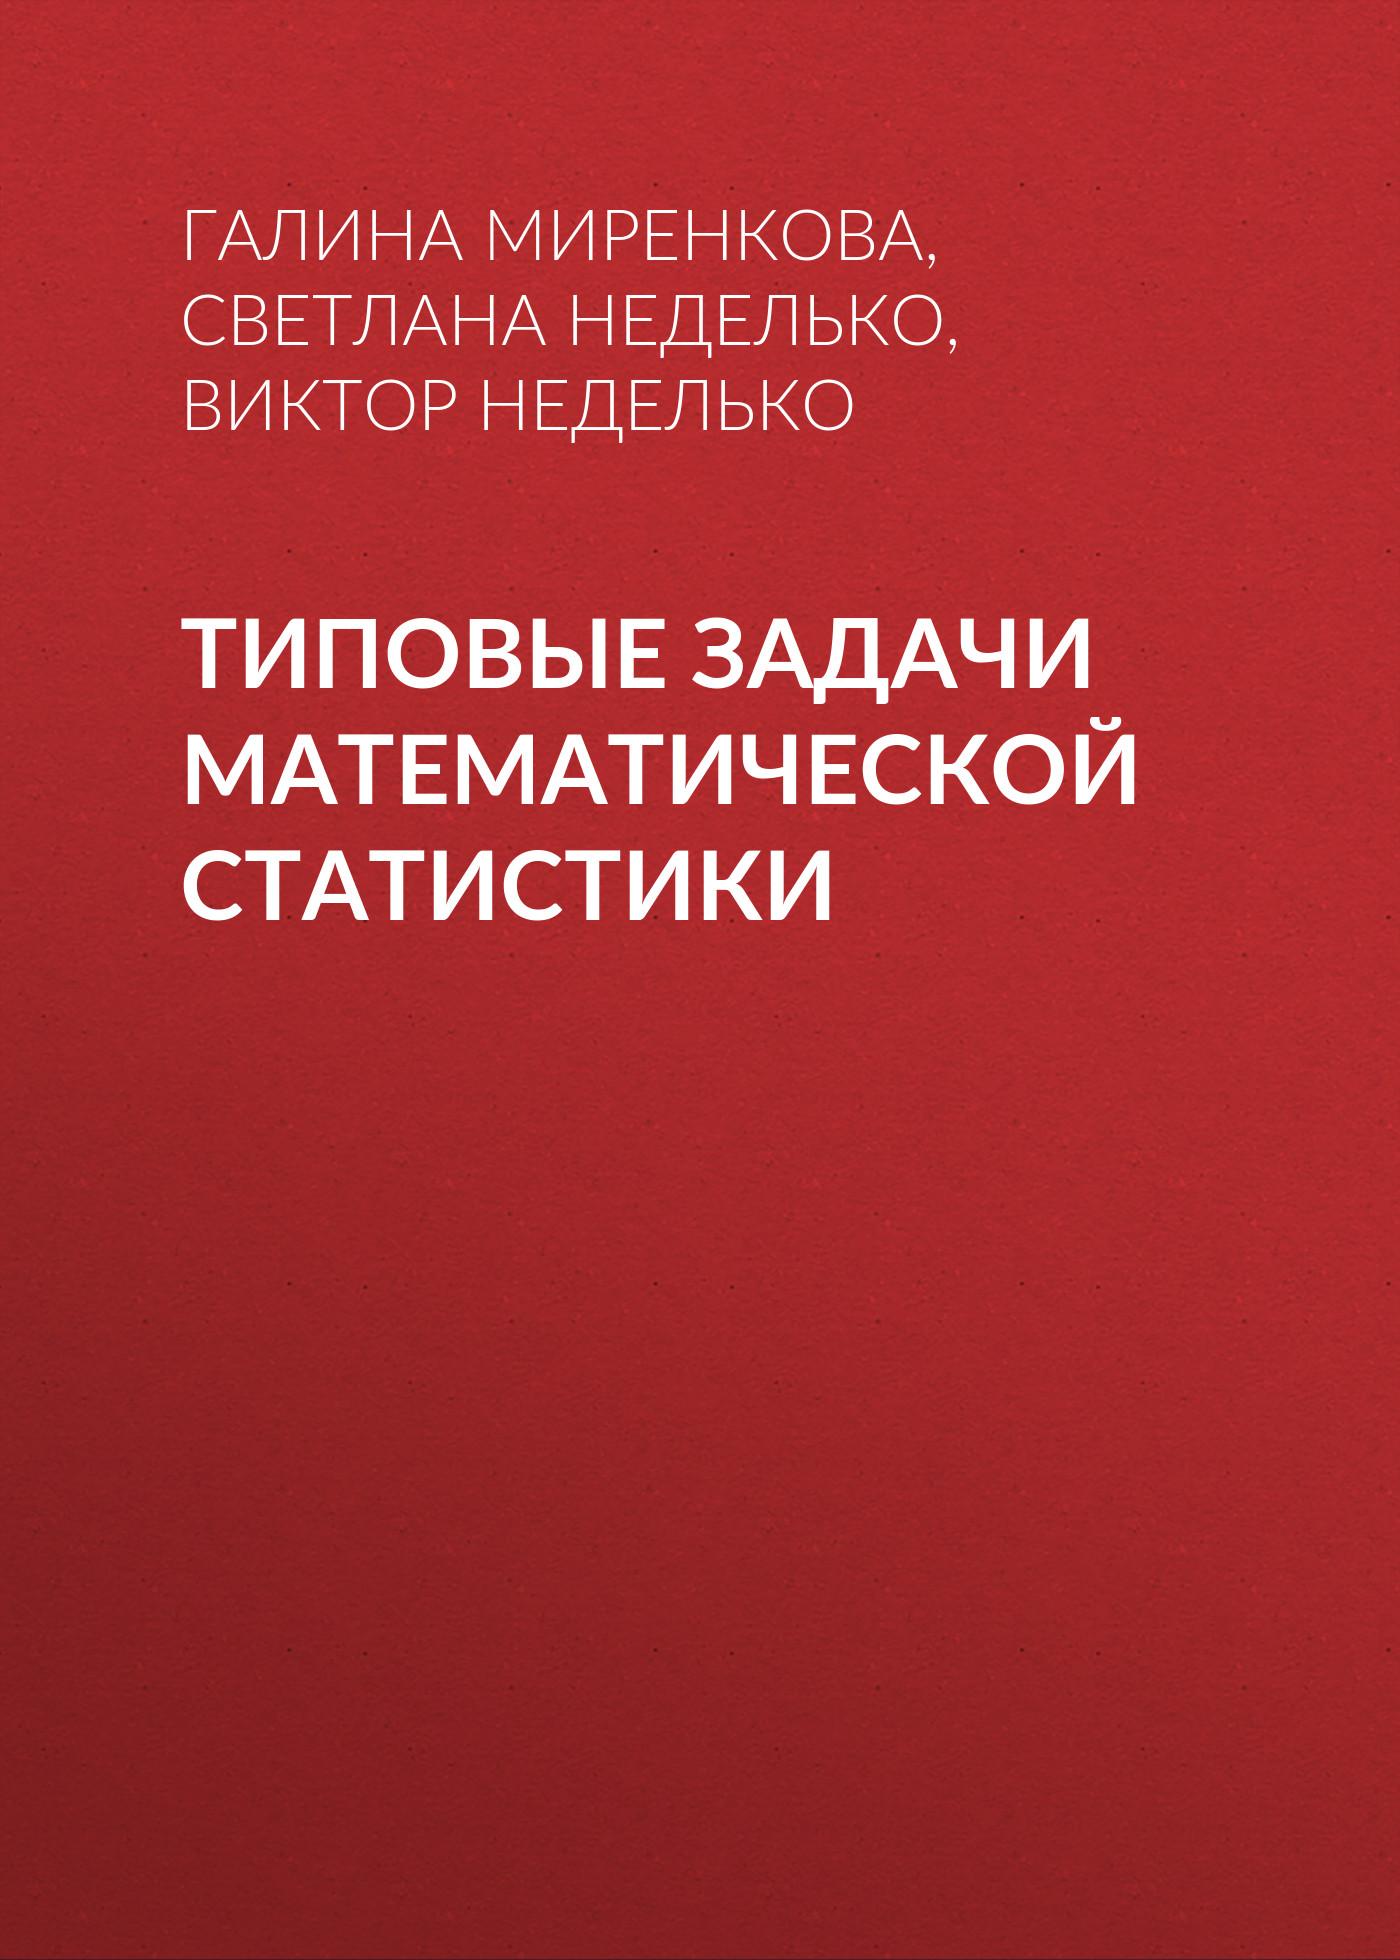 Галина Миренкова Типовые задачи математической статистики энциклопедия шахматной статистики